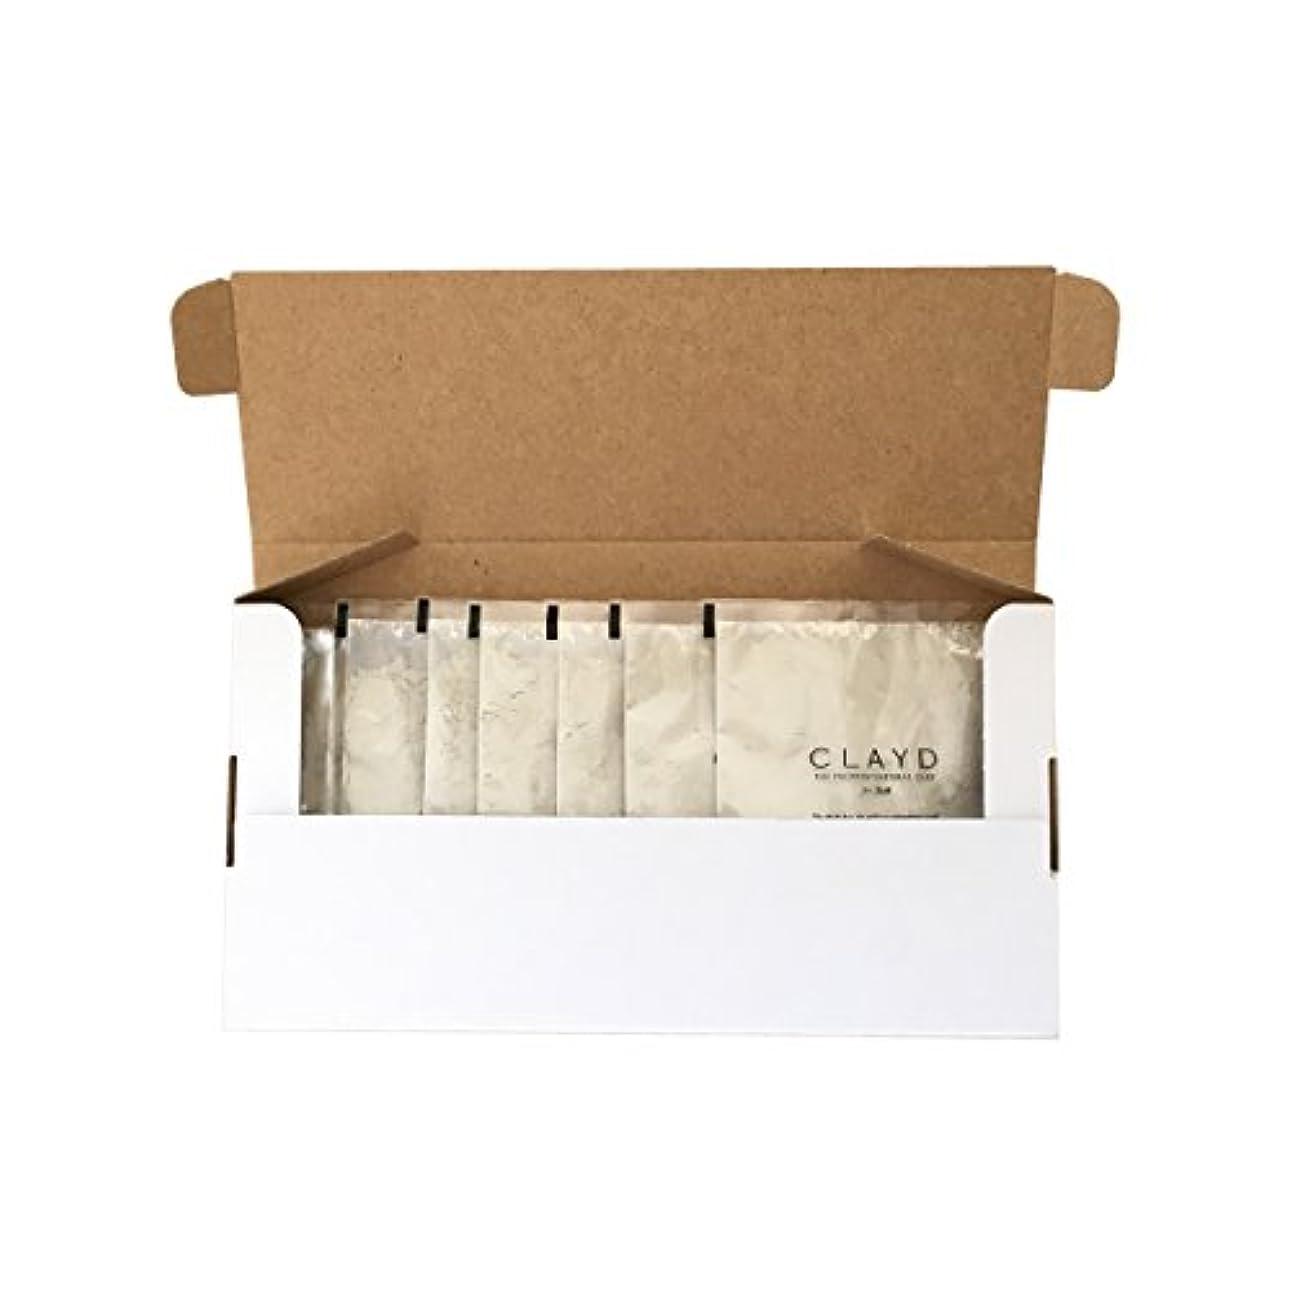 悪夢苦悩厚さCLAYD for Bath(クレイドフォーバス)ONE WEEK TRIAL(30g×7袋)